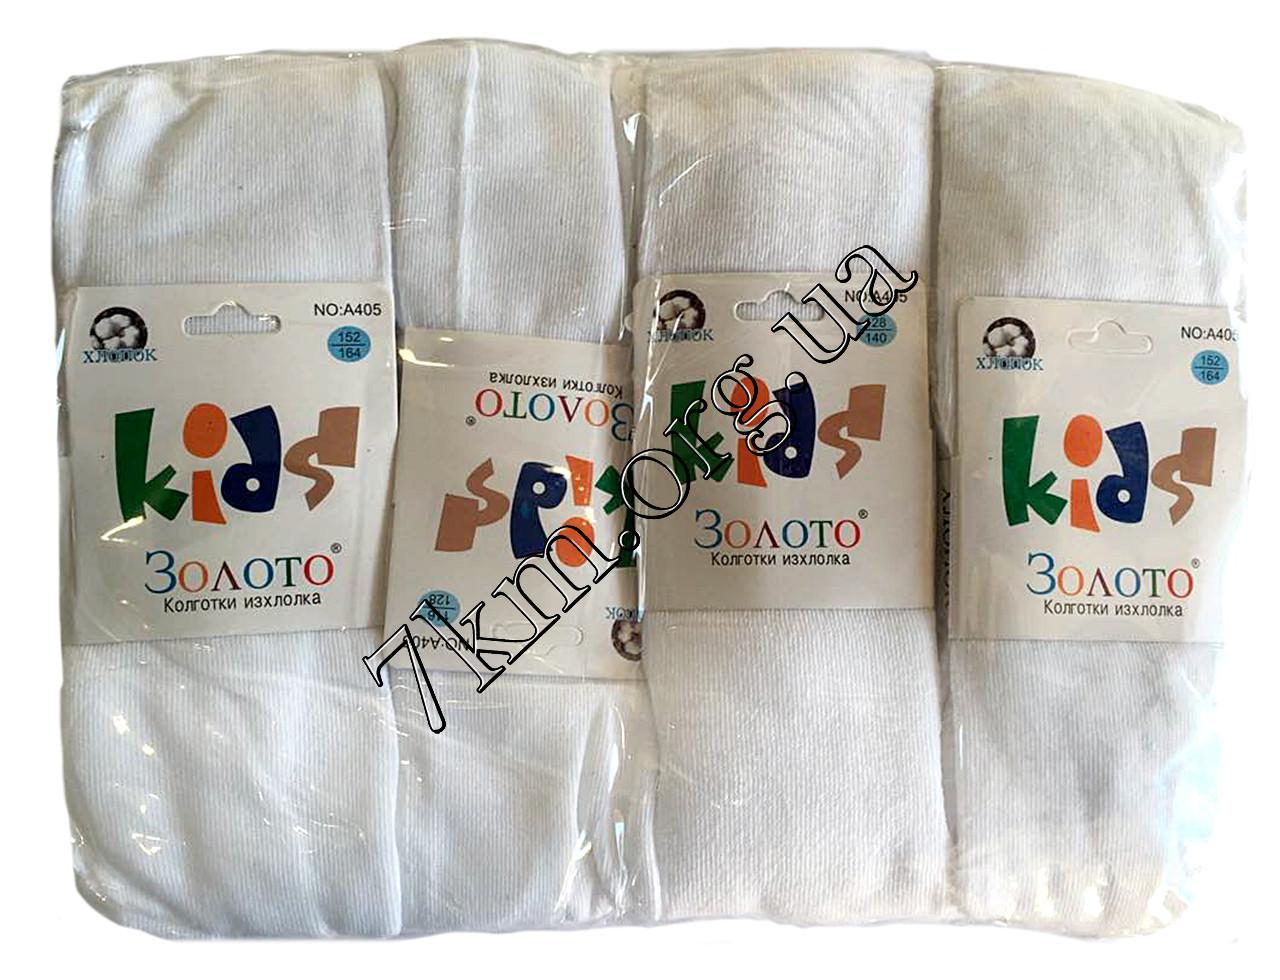 Колготки детские ажурные (с выбитым рисунком) для девочек белые Золото 92-164 A404 оптом